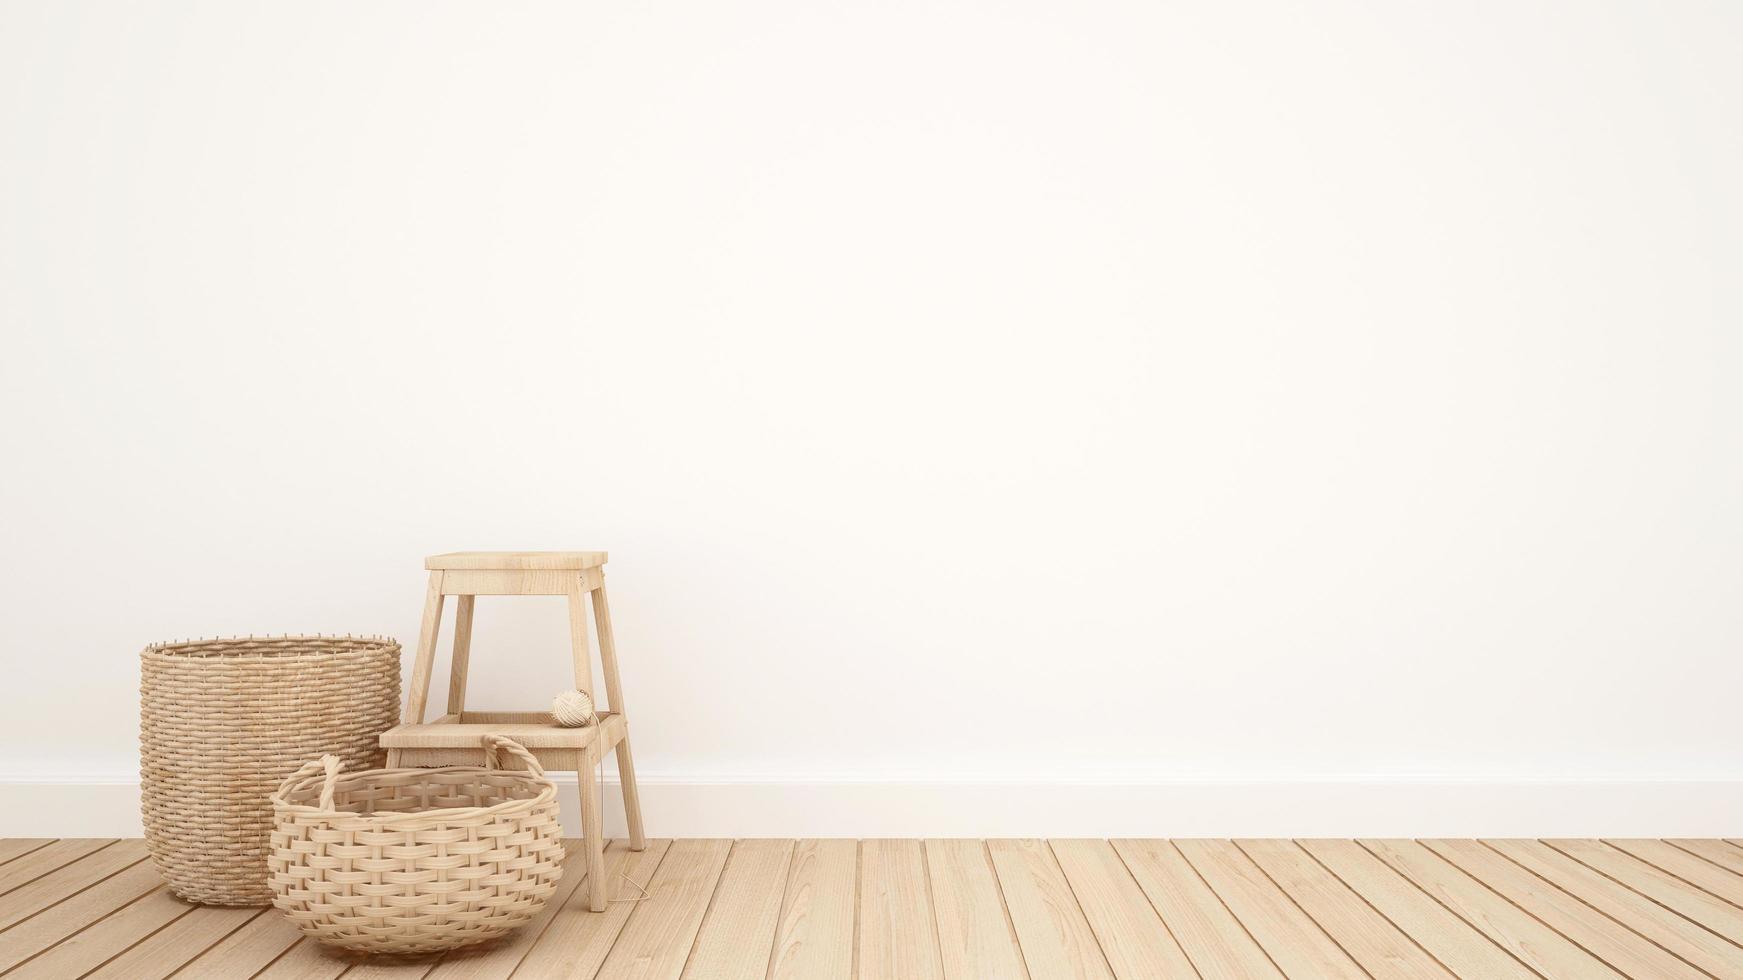 Weidenkorb und Hocker im Weißen Raum für Kunstwerke foto